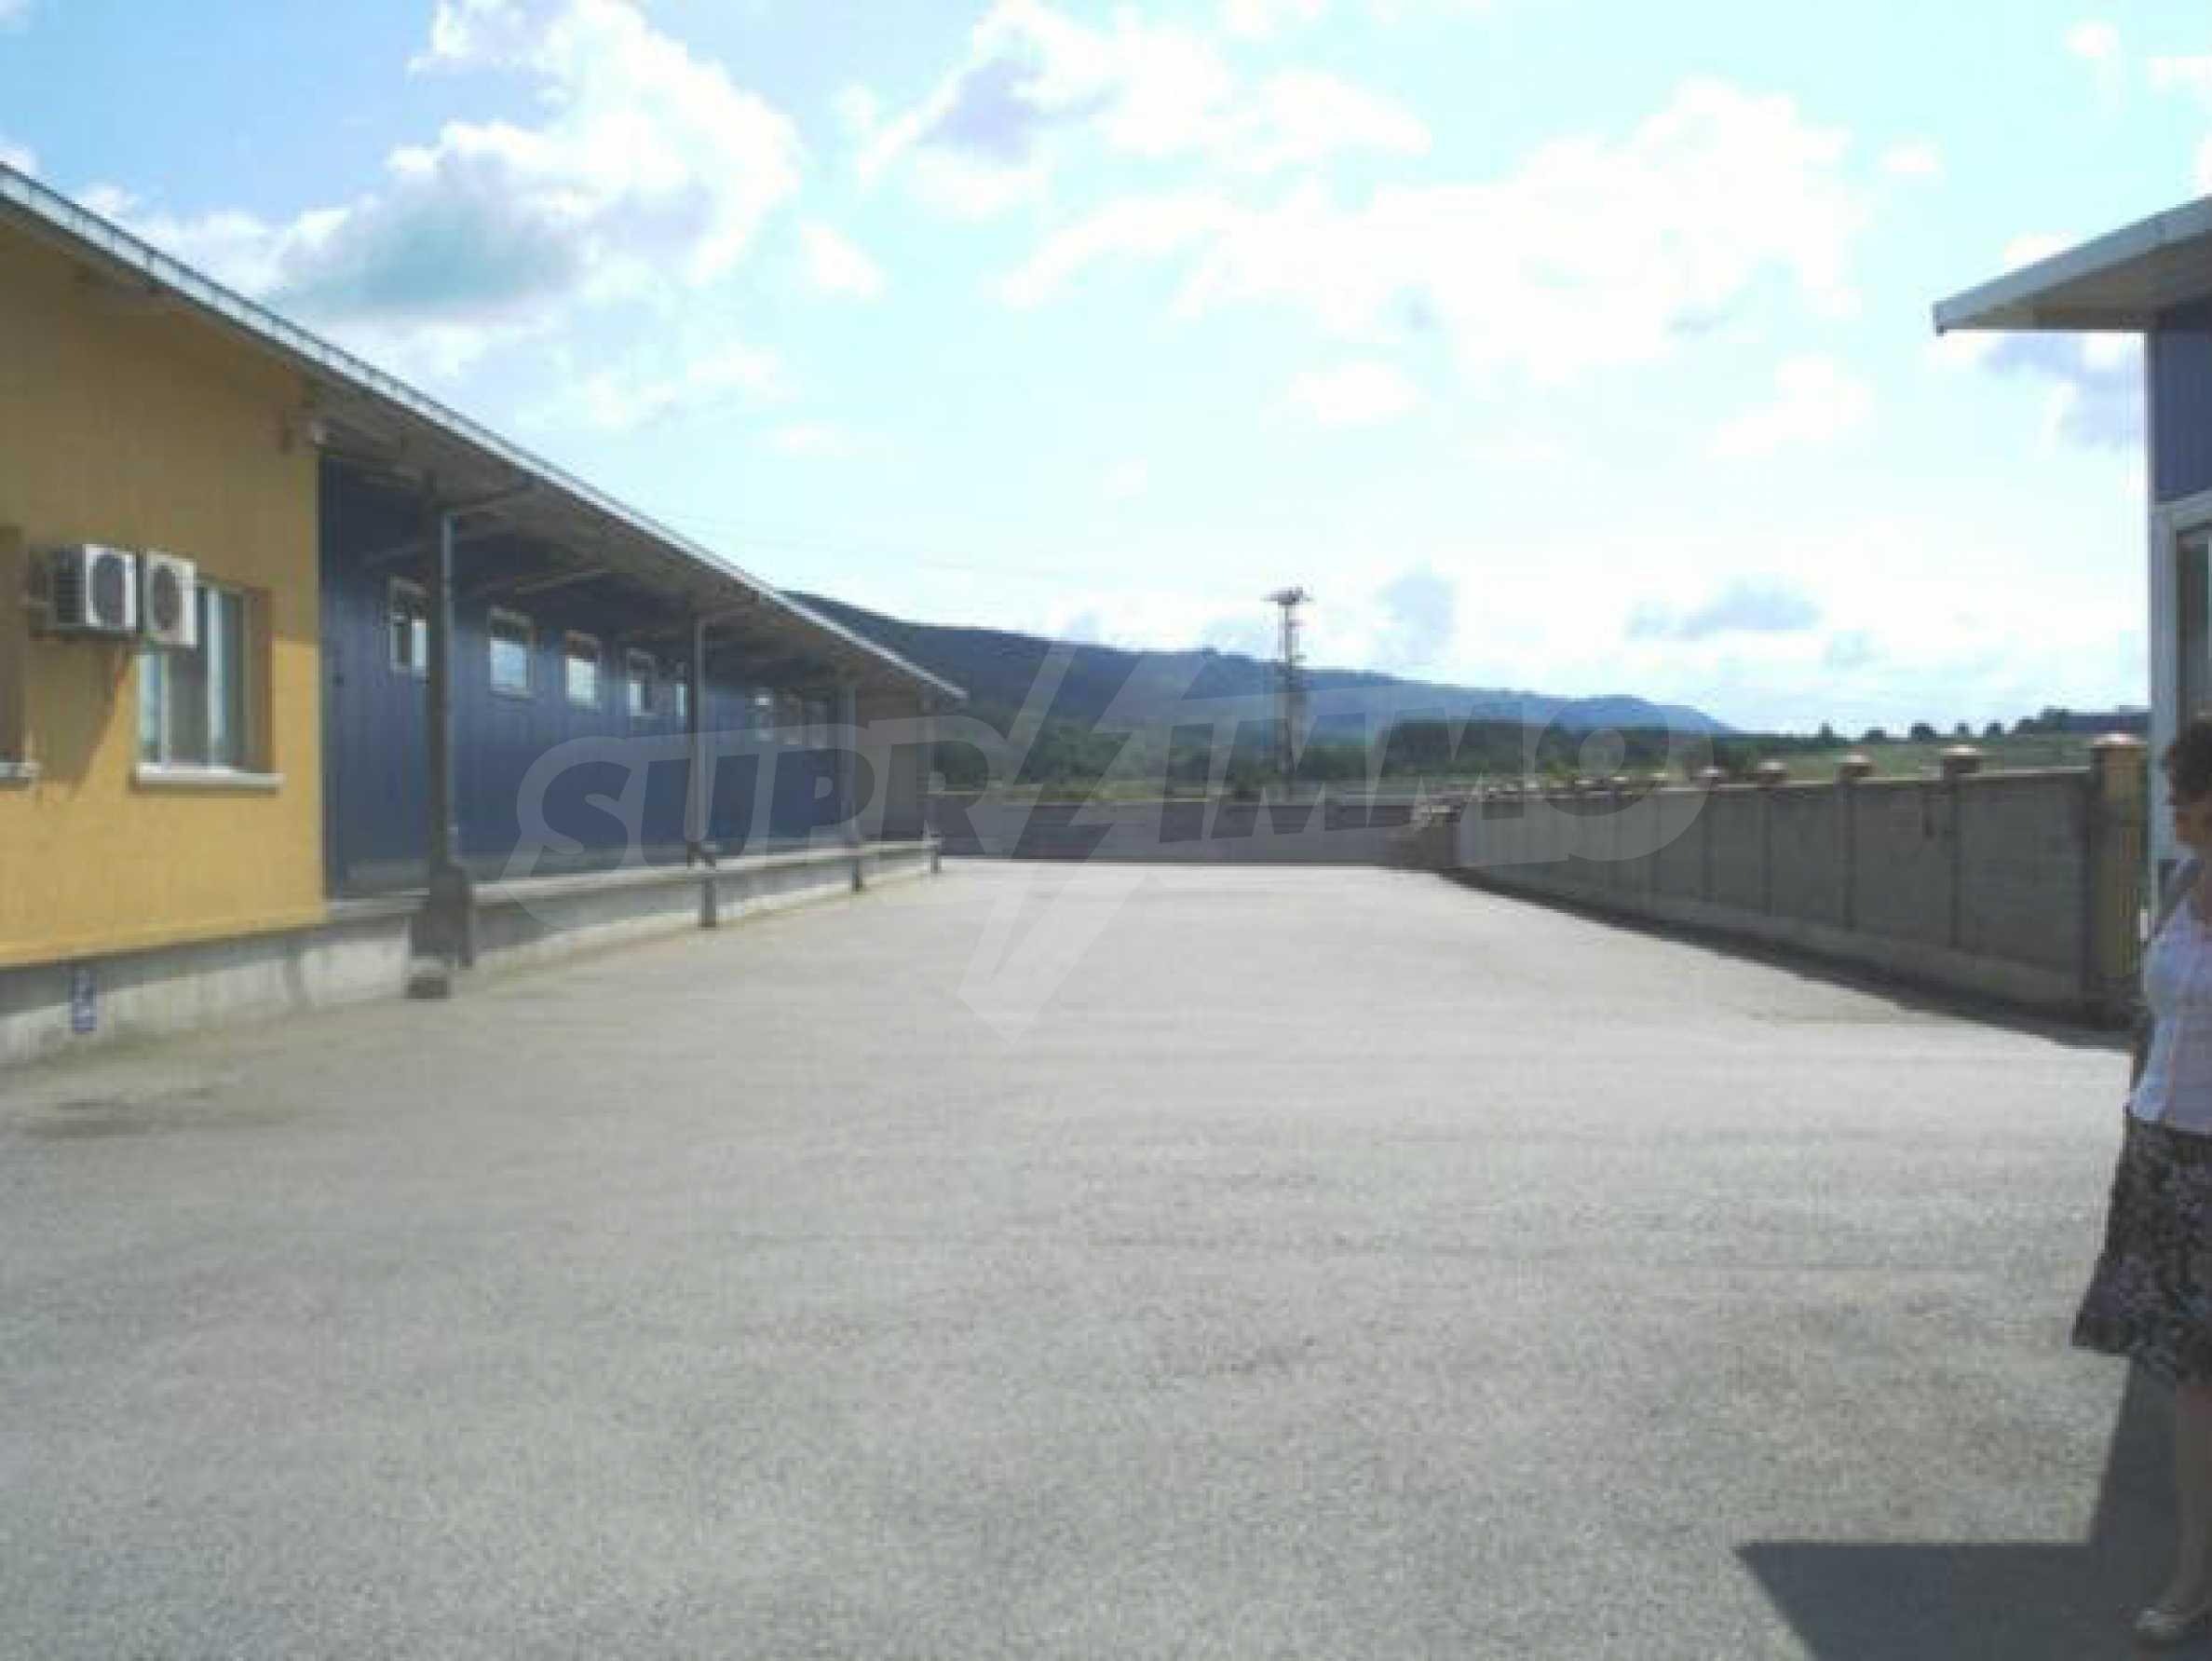 Handels- und Lagerbasis an der Hauptstraße Ruse - Svilengrad 3